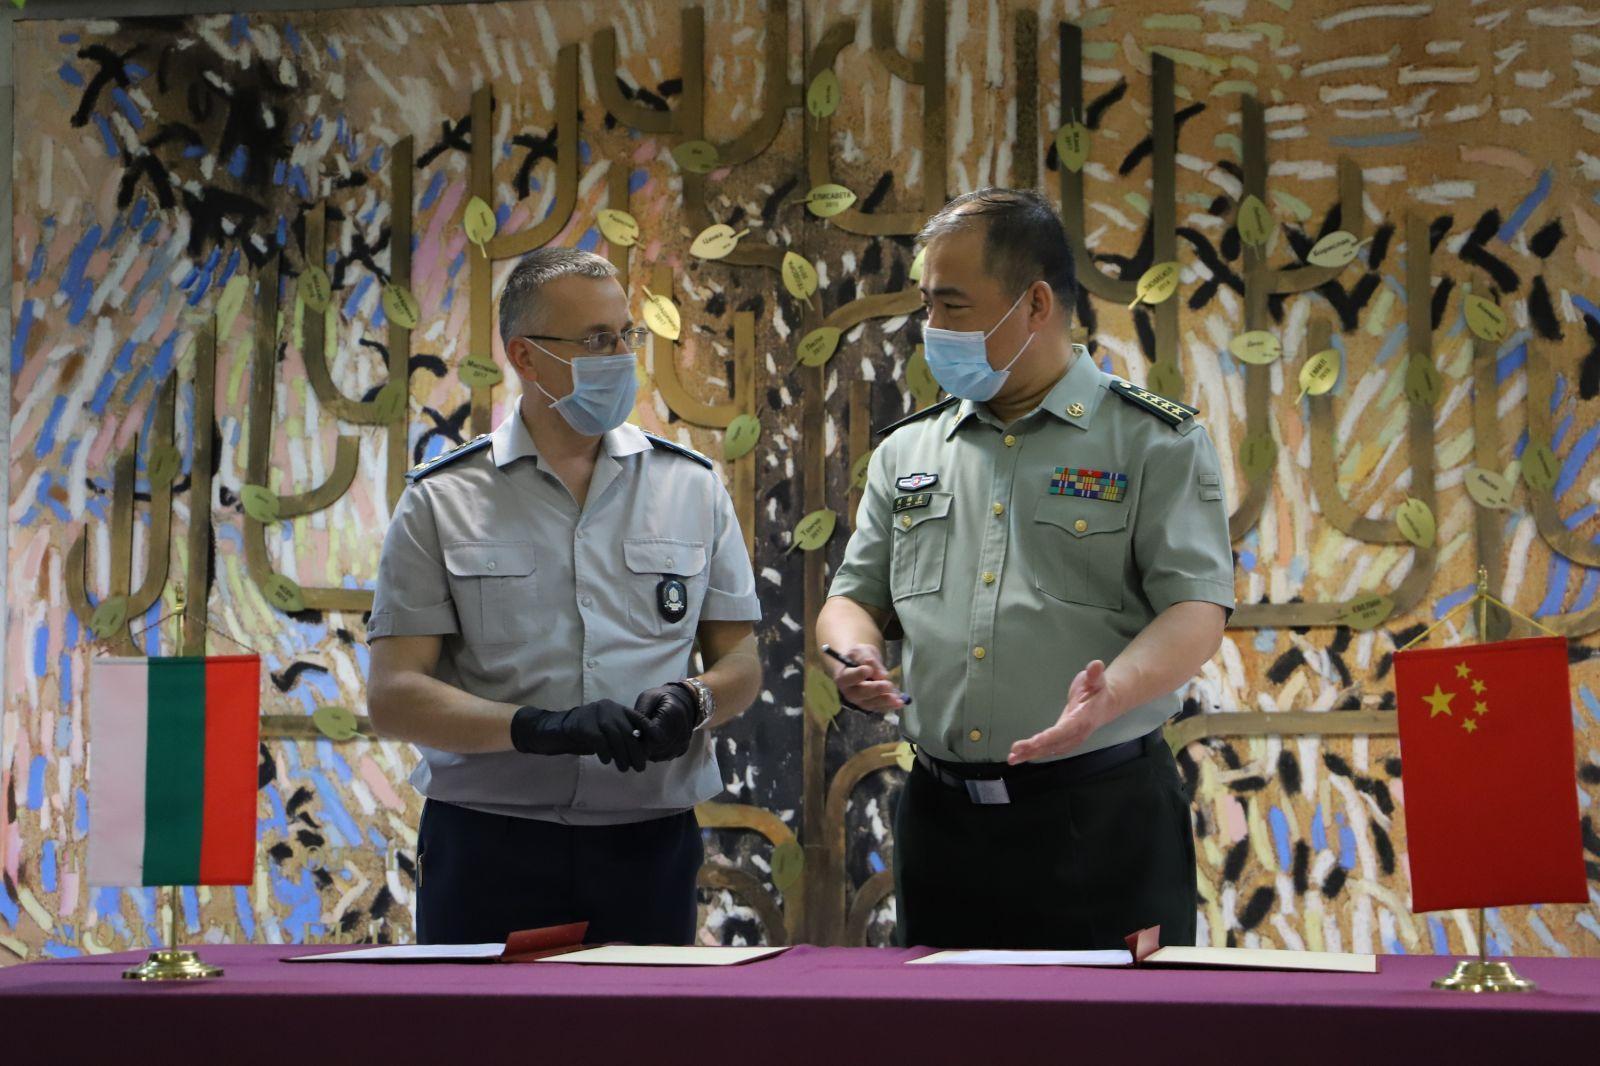 Военномедицинска академия получи дарение от защитни медицински средства от Министерството на националната отбрана на Китайската народна република